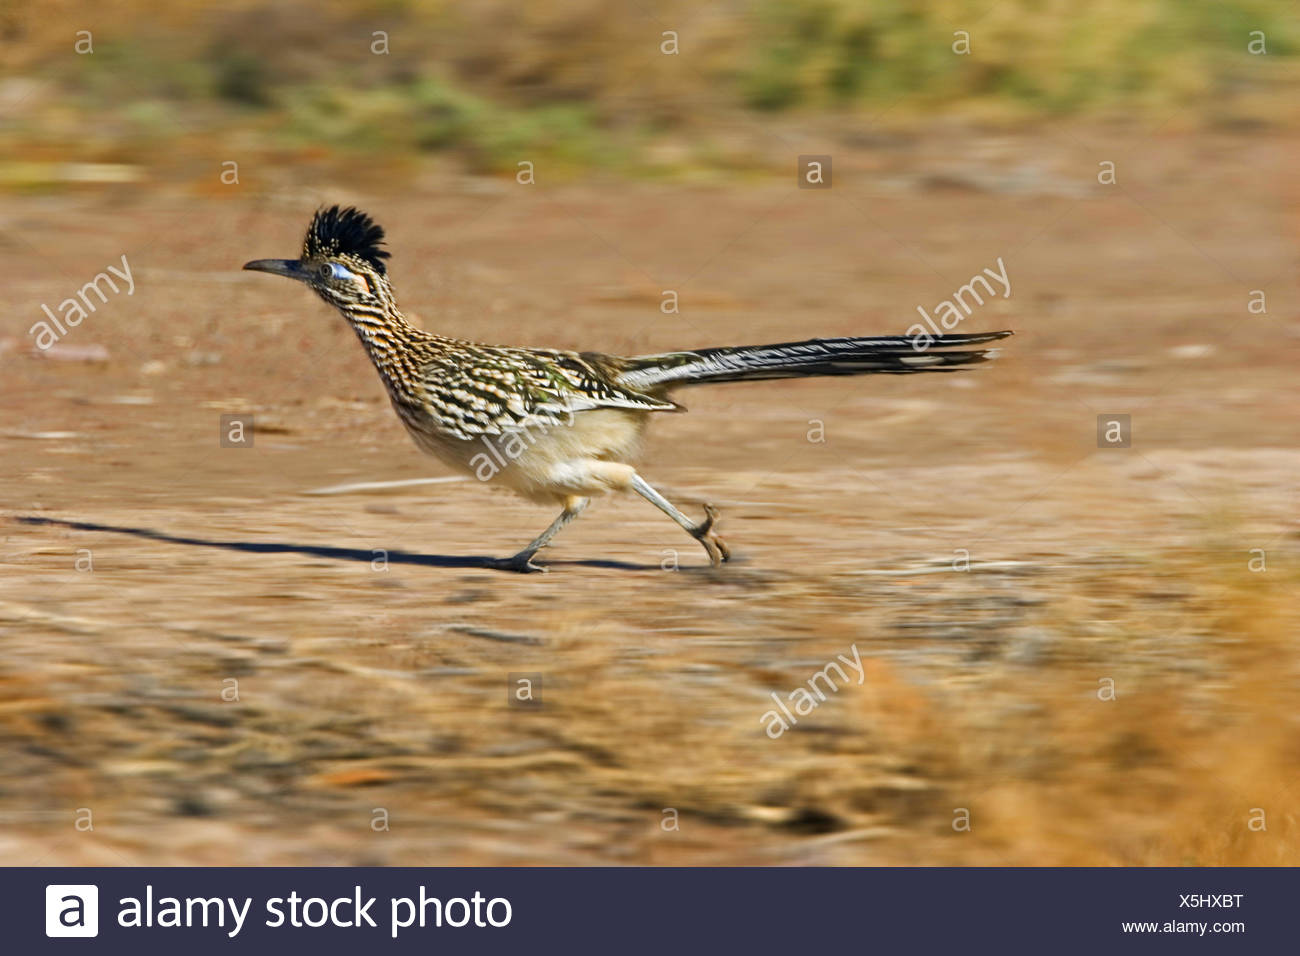 road-runner, roadrunner (Geococcyx californianus), running female, USA, New Mexico - Stock Image